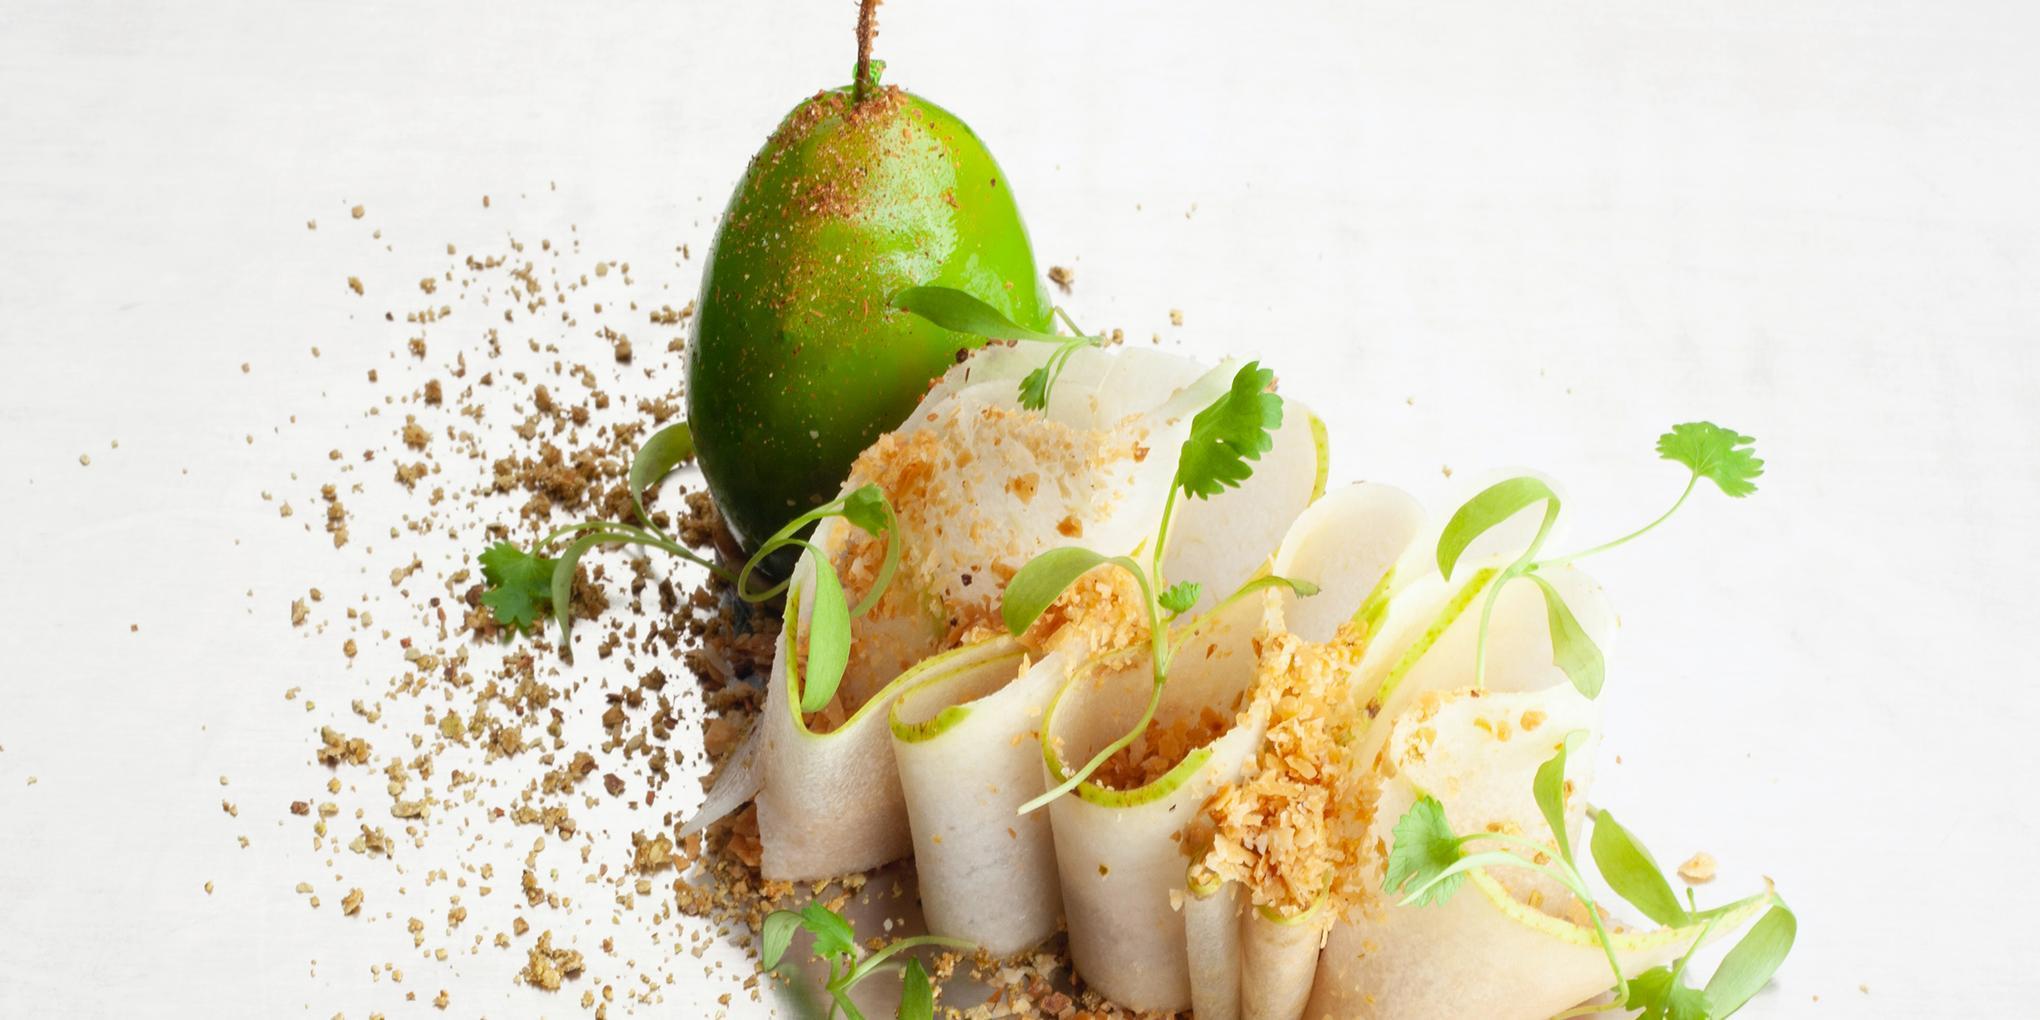 assiette blanche avec un dessert aux fruits gastronomique dressé de manière créative